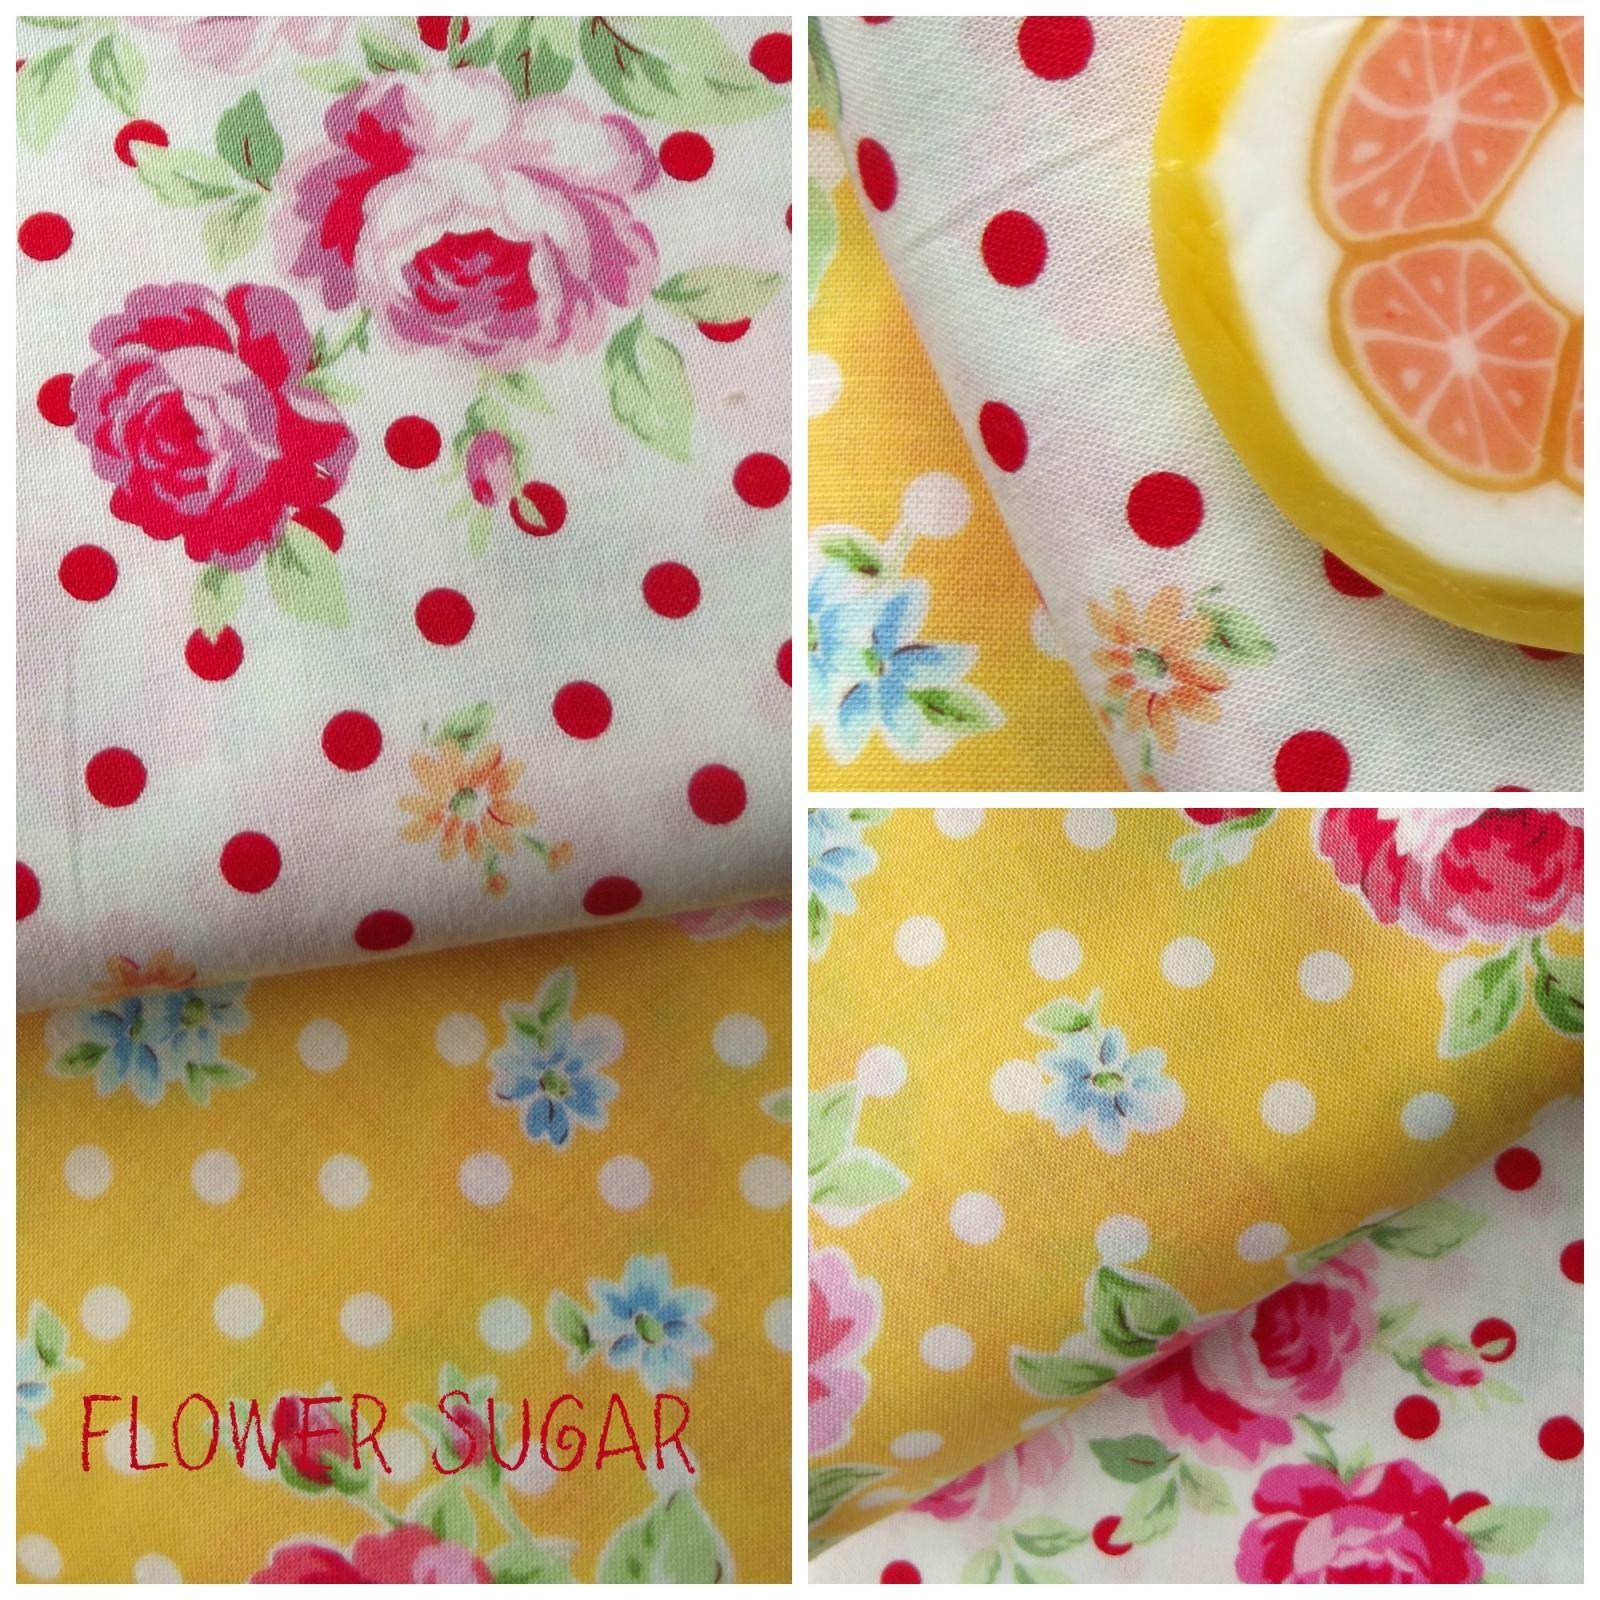 telas flower sugar de lecien, una combinación de telas de topitos y flores